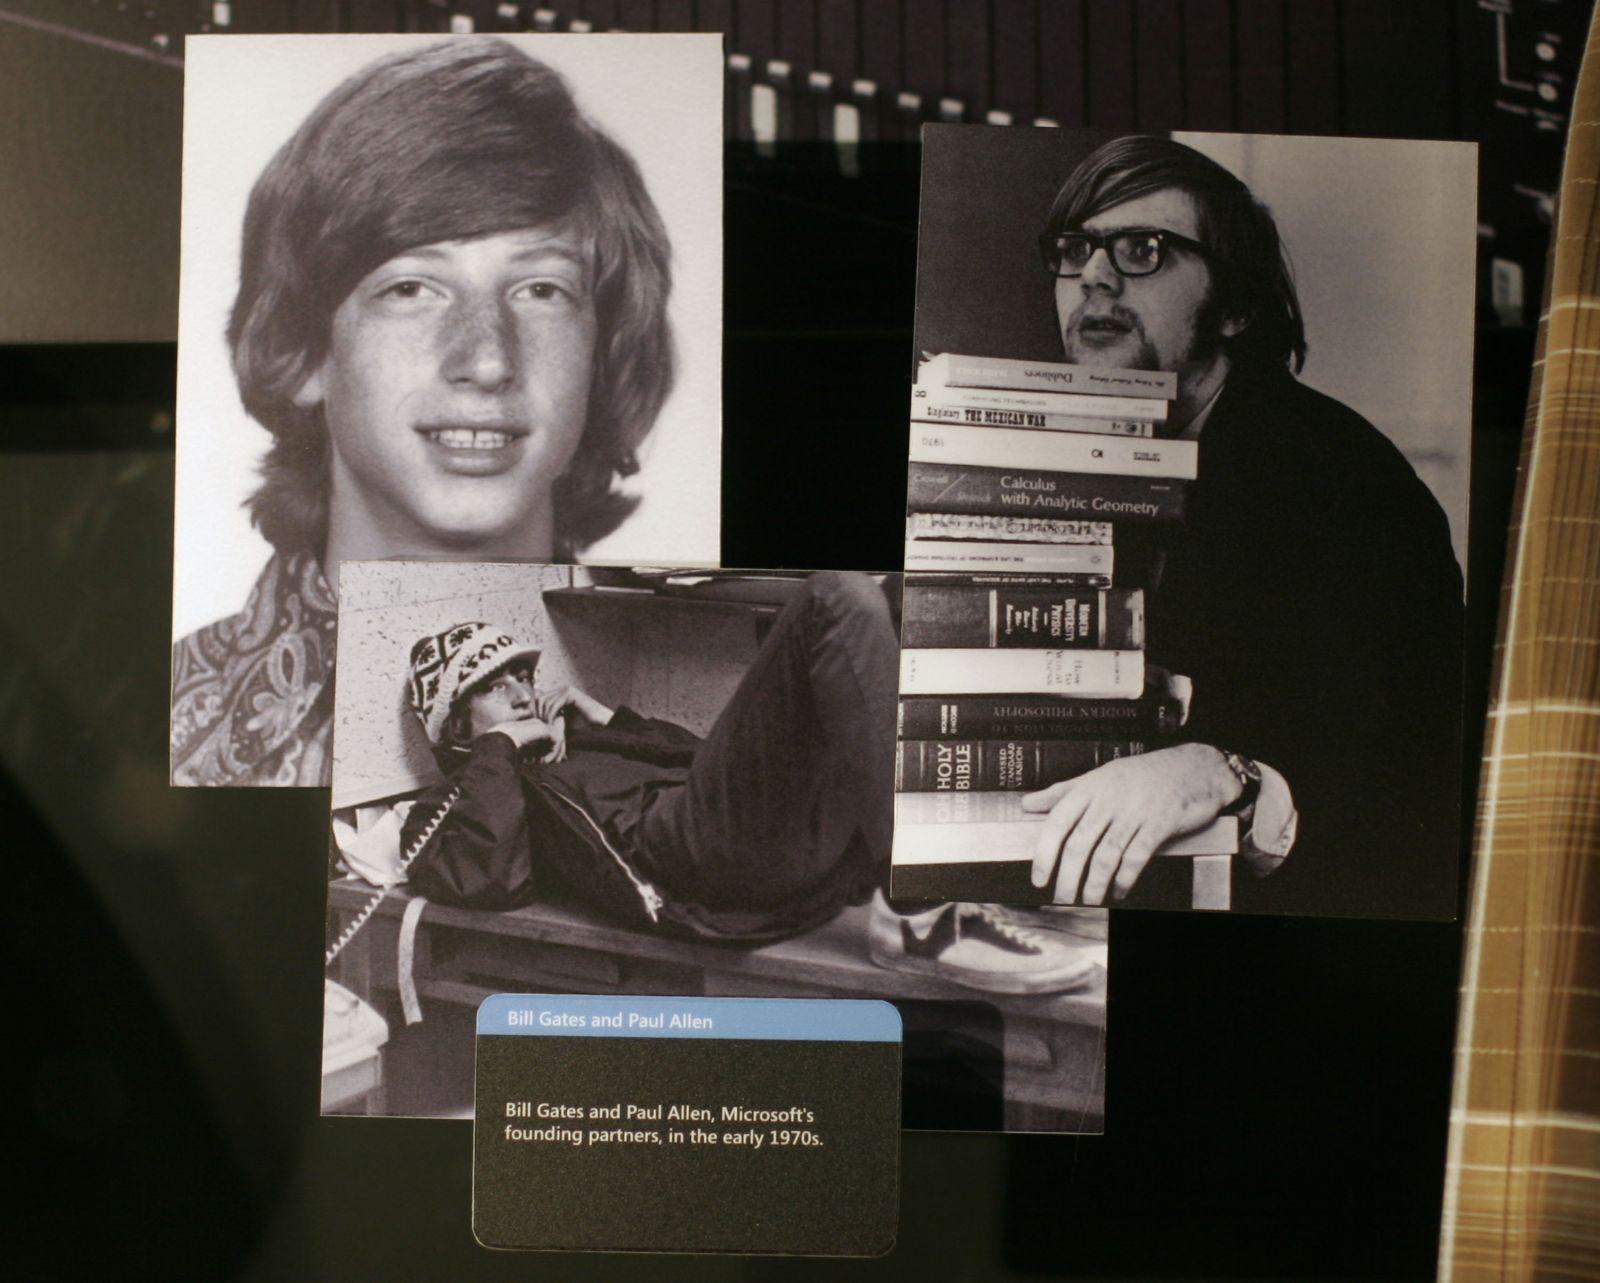 5 советов выпускникам от Билла Гейтса: что читать, над чем работать и как быть счастливым